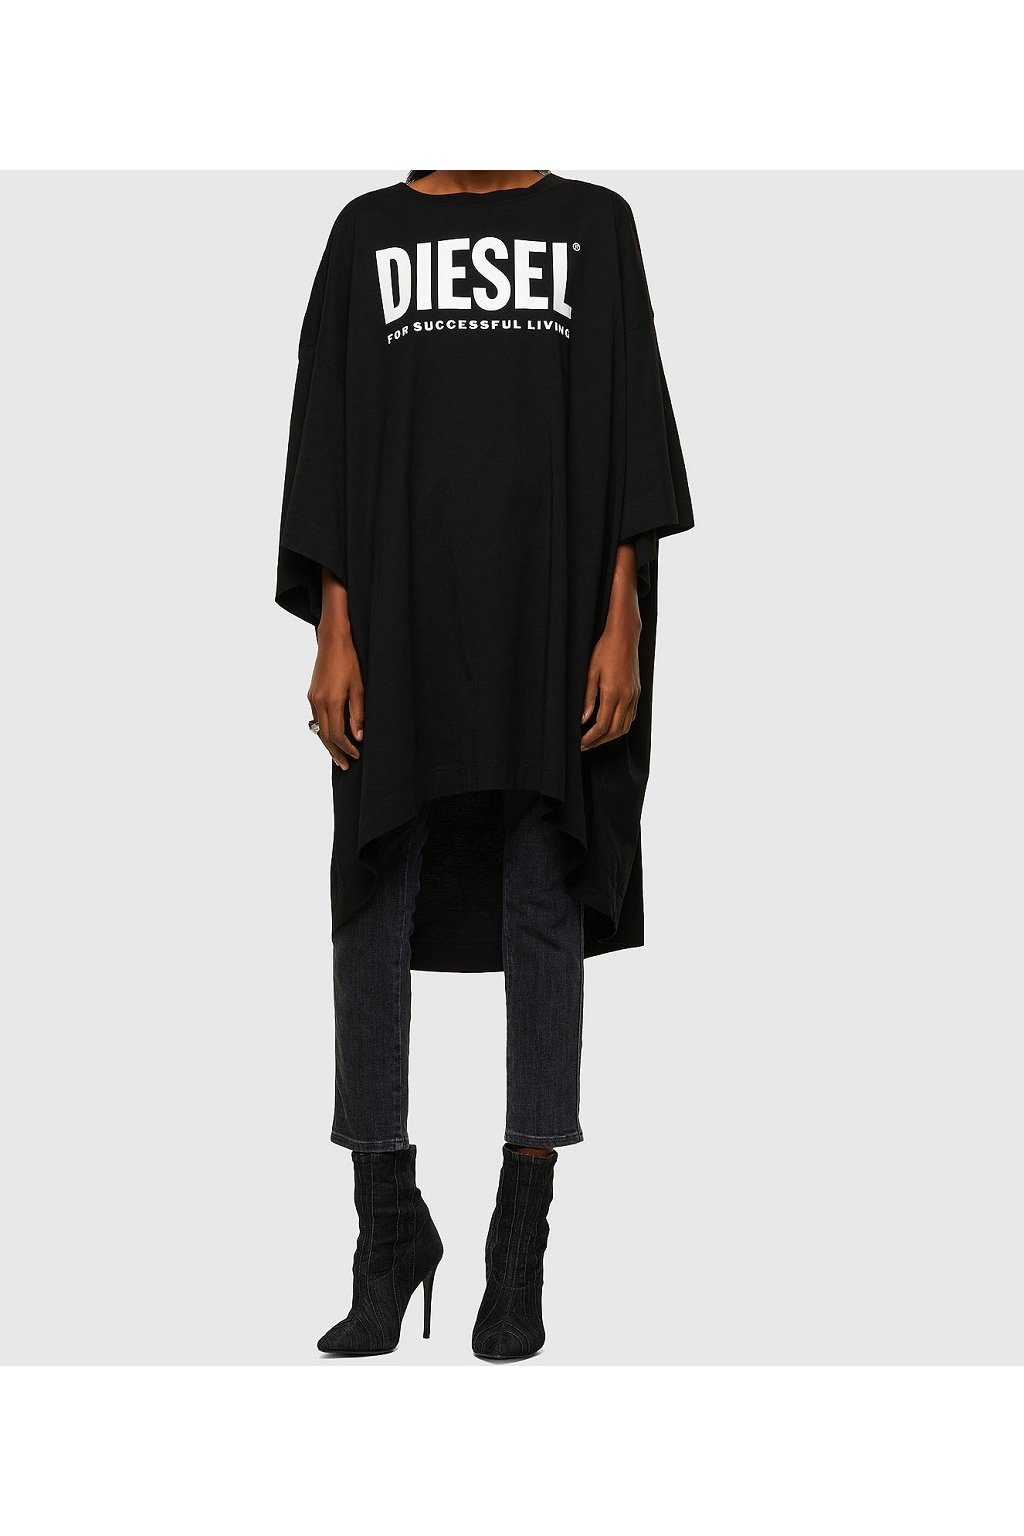 Dámské šaty Diesel D Extra ekologo černé